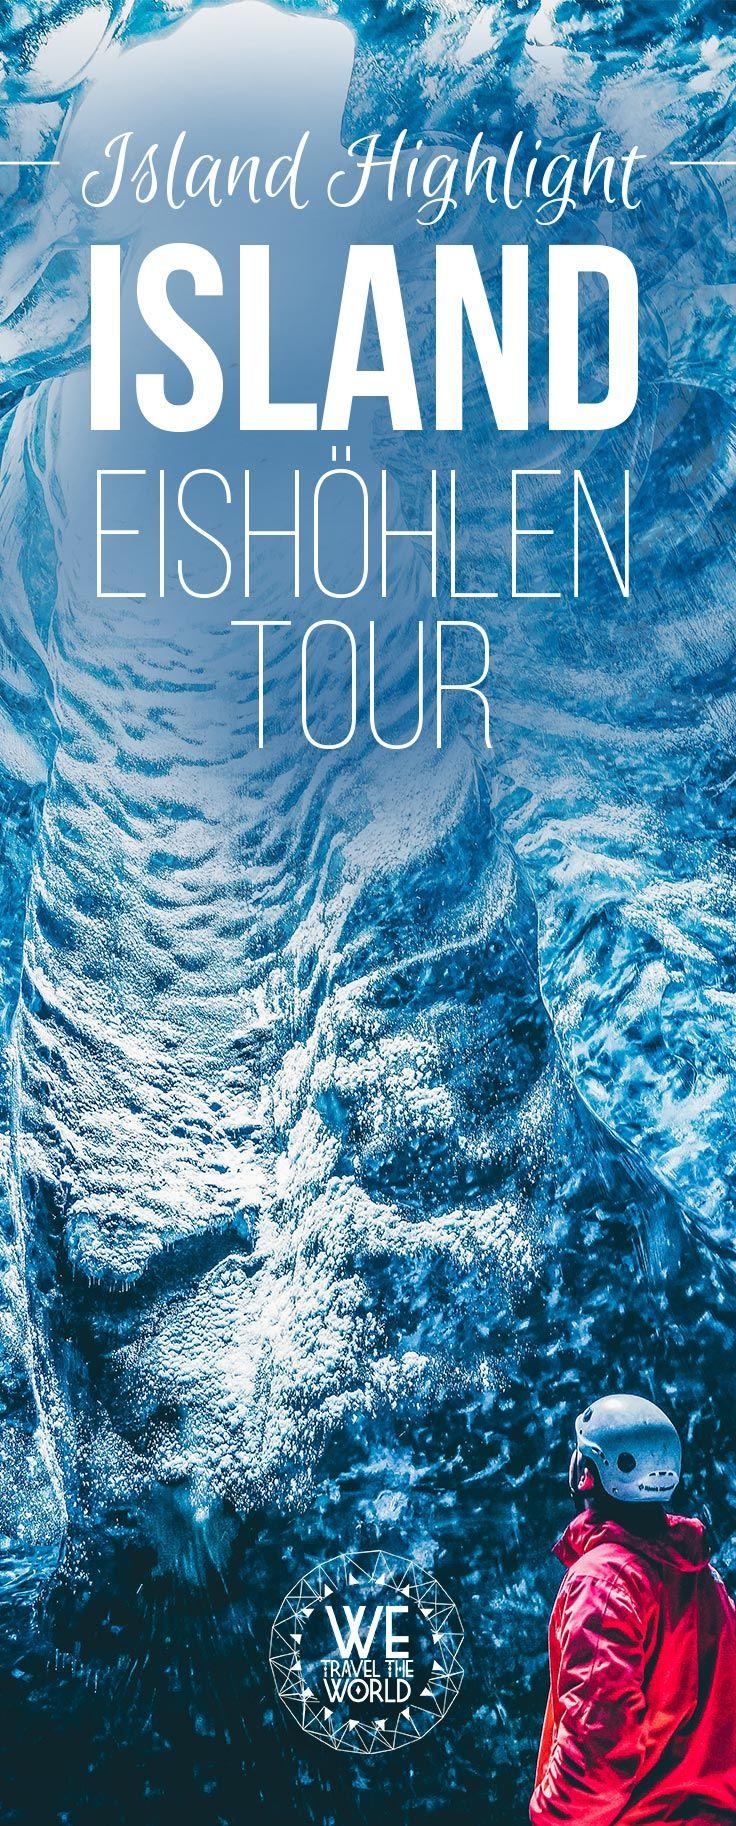 Island Reisetipp: Island Eishöhlen am Gletscher Vatnajökull. Erfahrungsbericht und Reisetipps zu dem Highlight deines Island Roadtrips im Süden Islands. Alles was du wissen musst, inkl. Packliste. #roadtrip #island #reisetipp